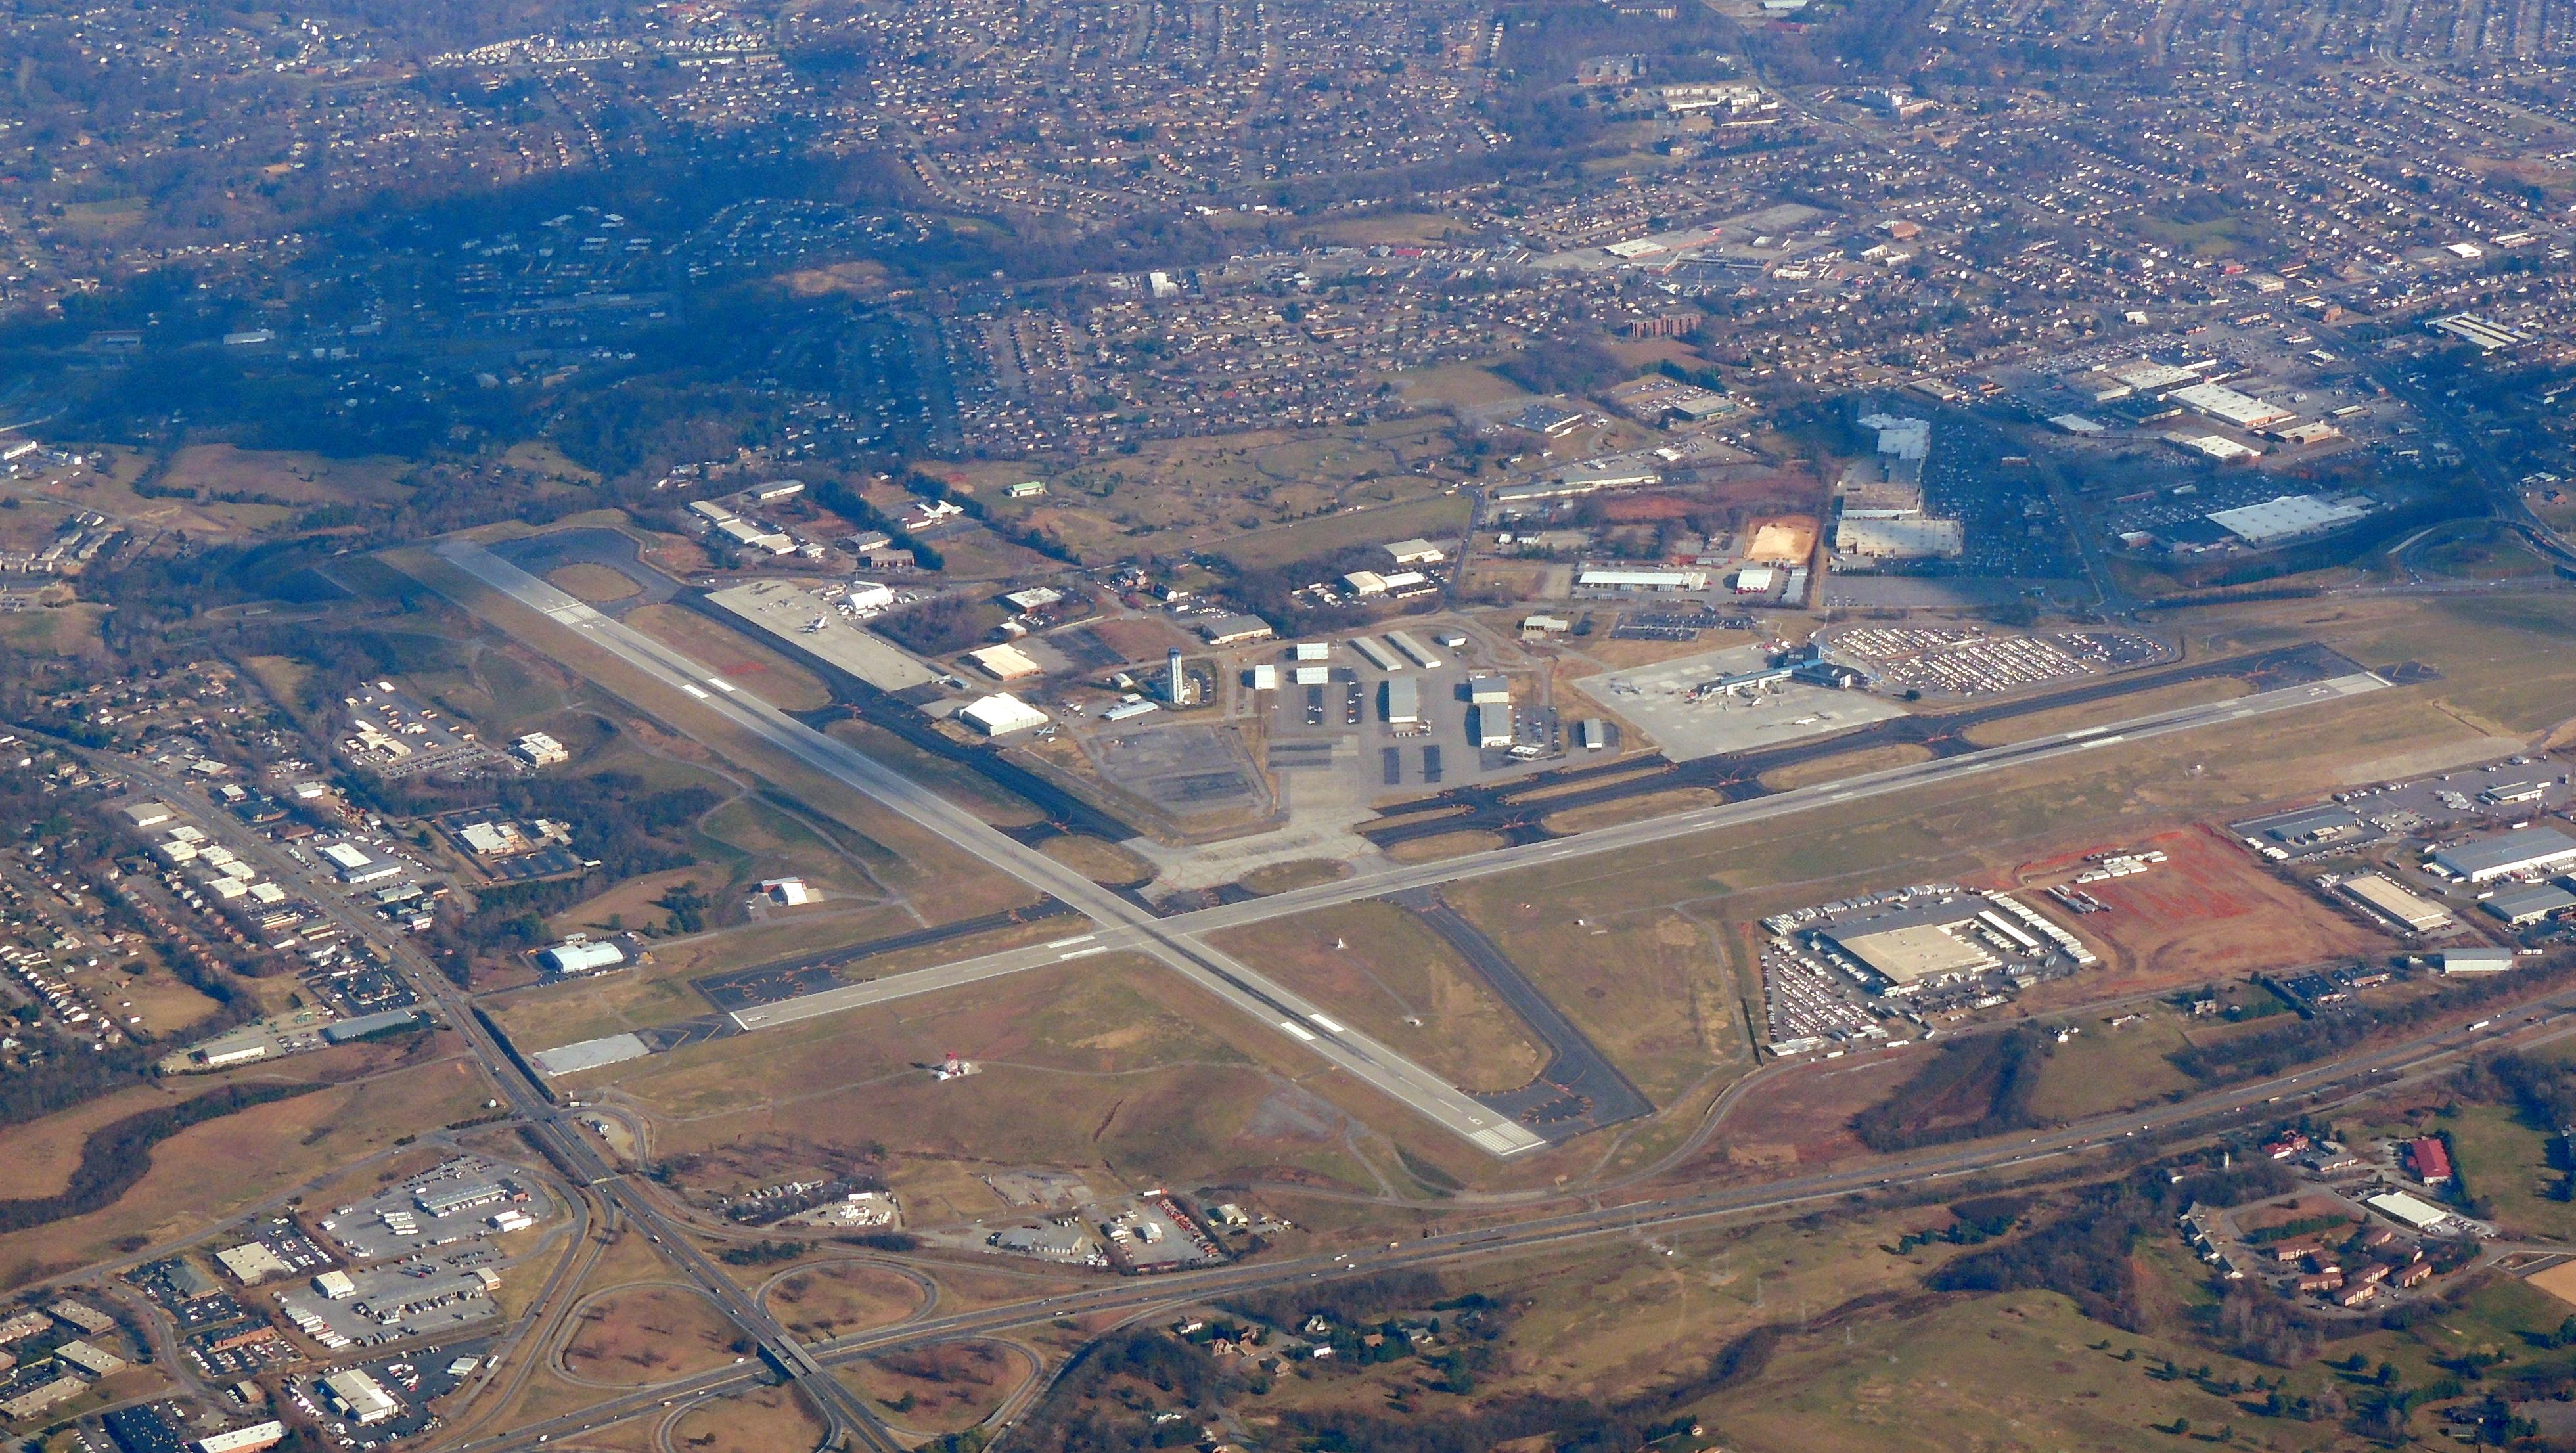 Flying back over Roanoke Regional heading back home